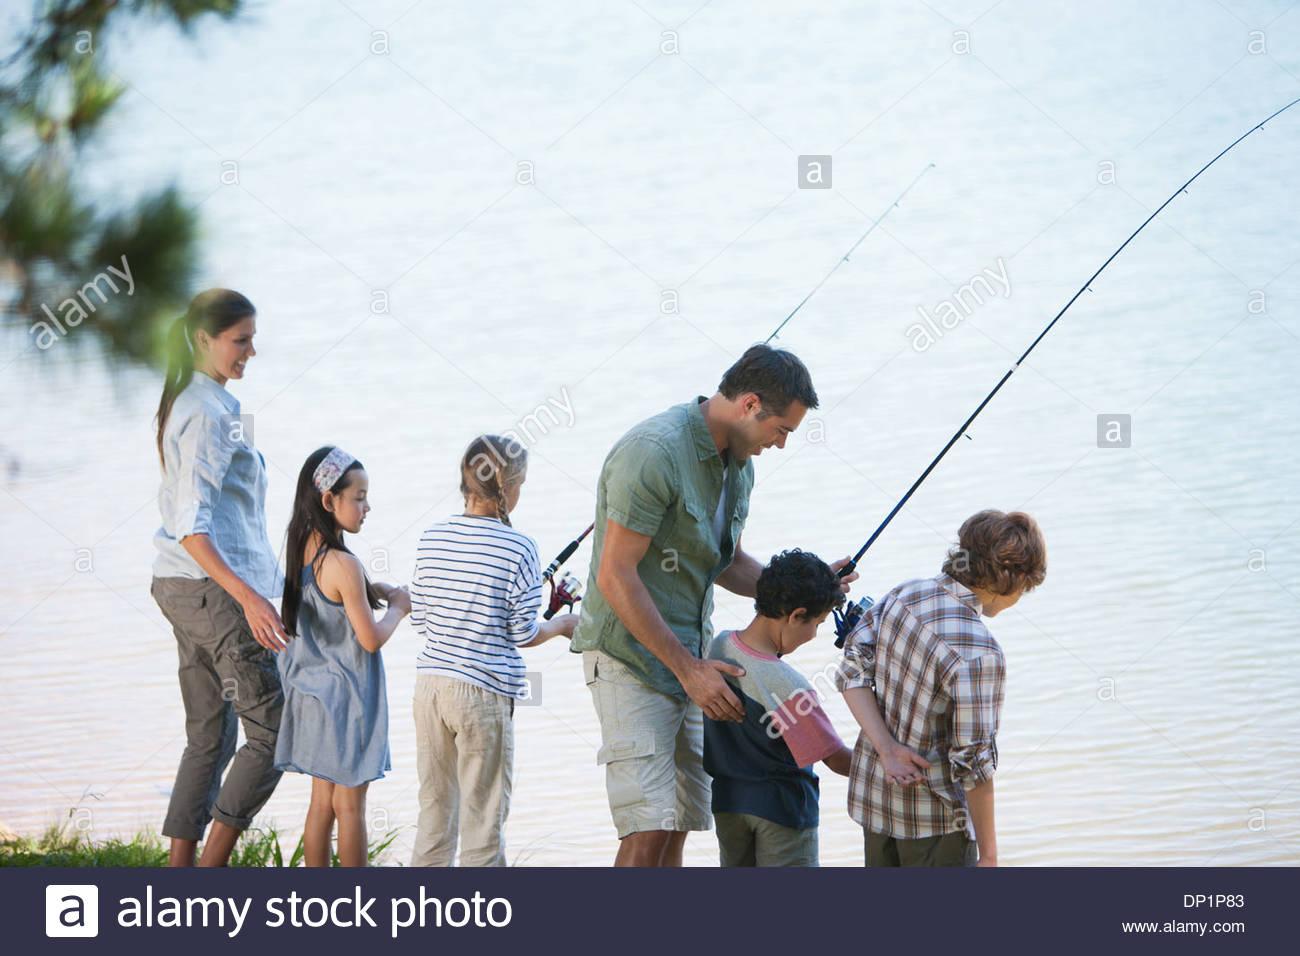 Family fishing in lake - Stock Image